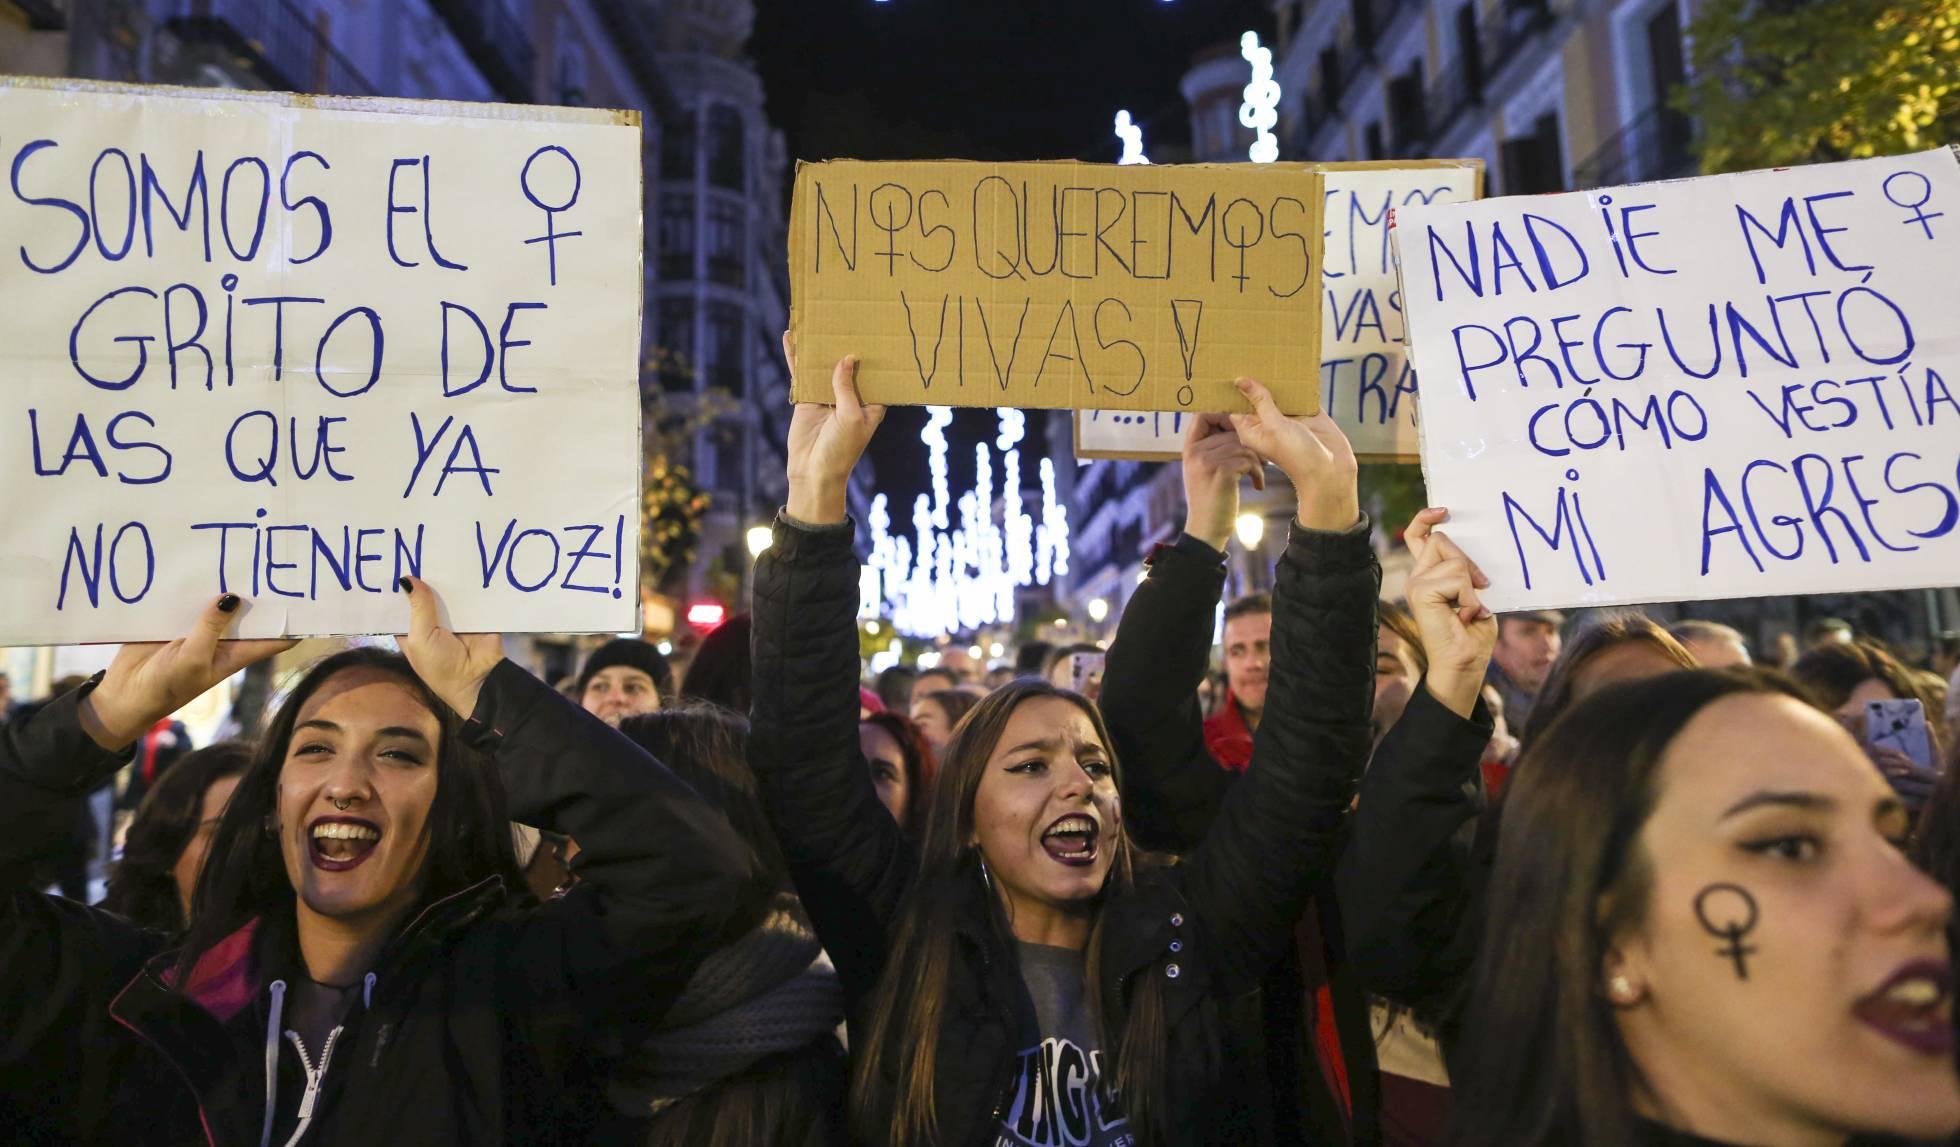 Os dejo mi opinión sobre lo que ha sucedido en Andalucía. Un fuerte abrazo a todos. 1531992228_517680_1532524422_noticia_normal_recorte1